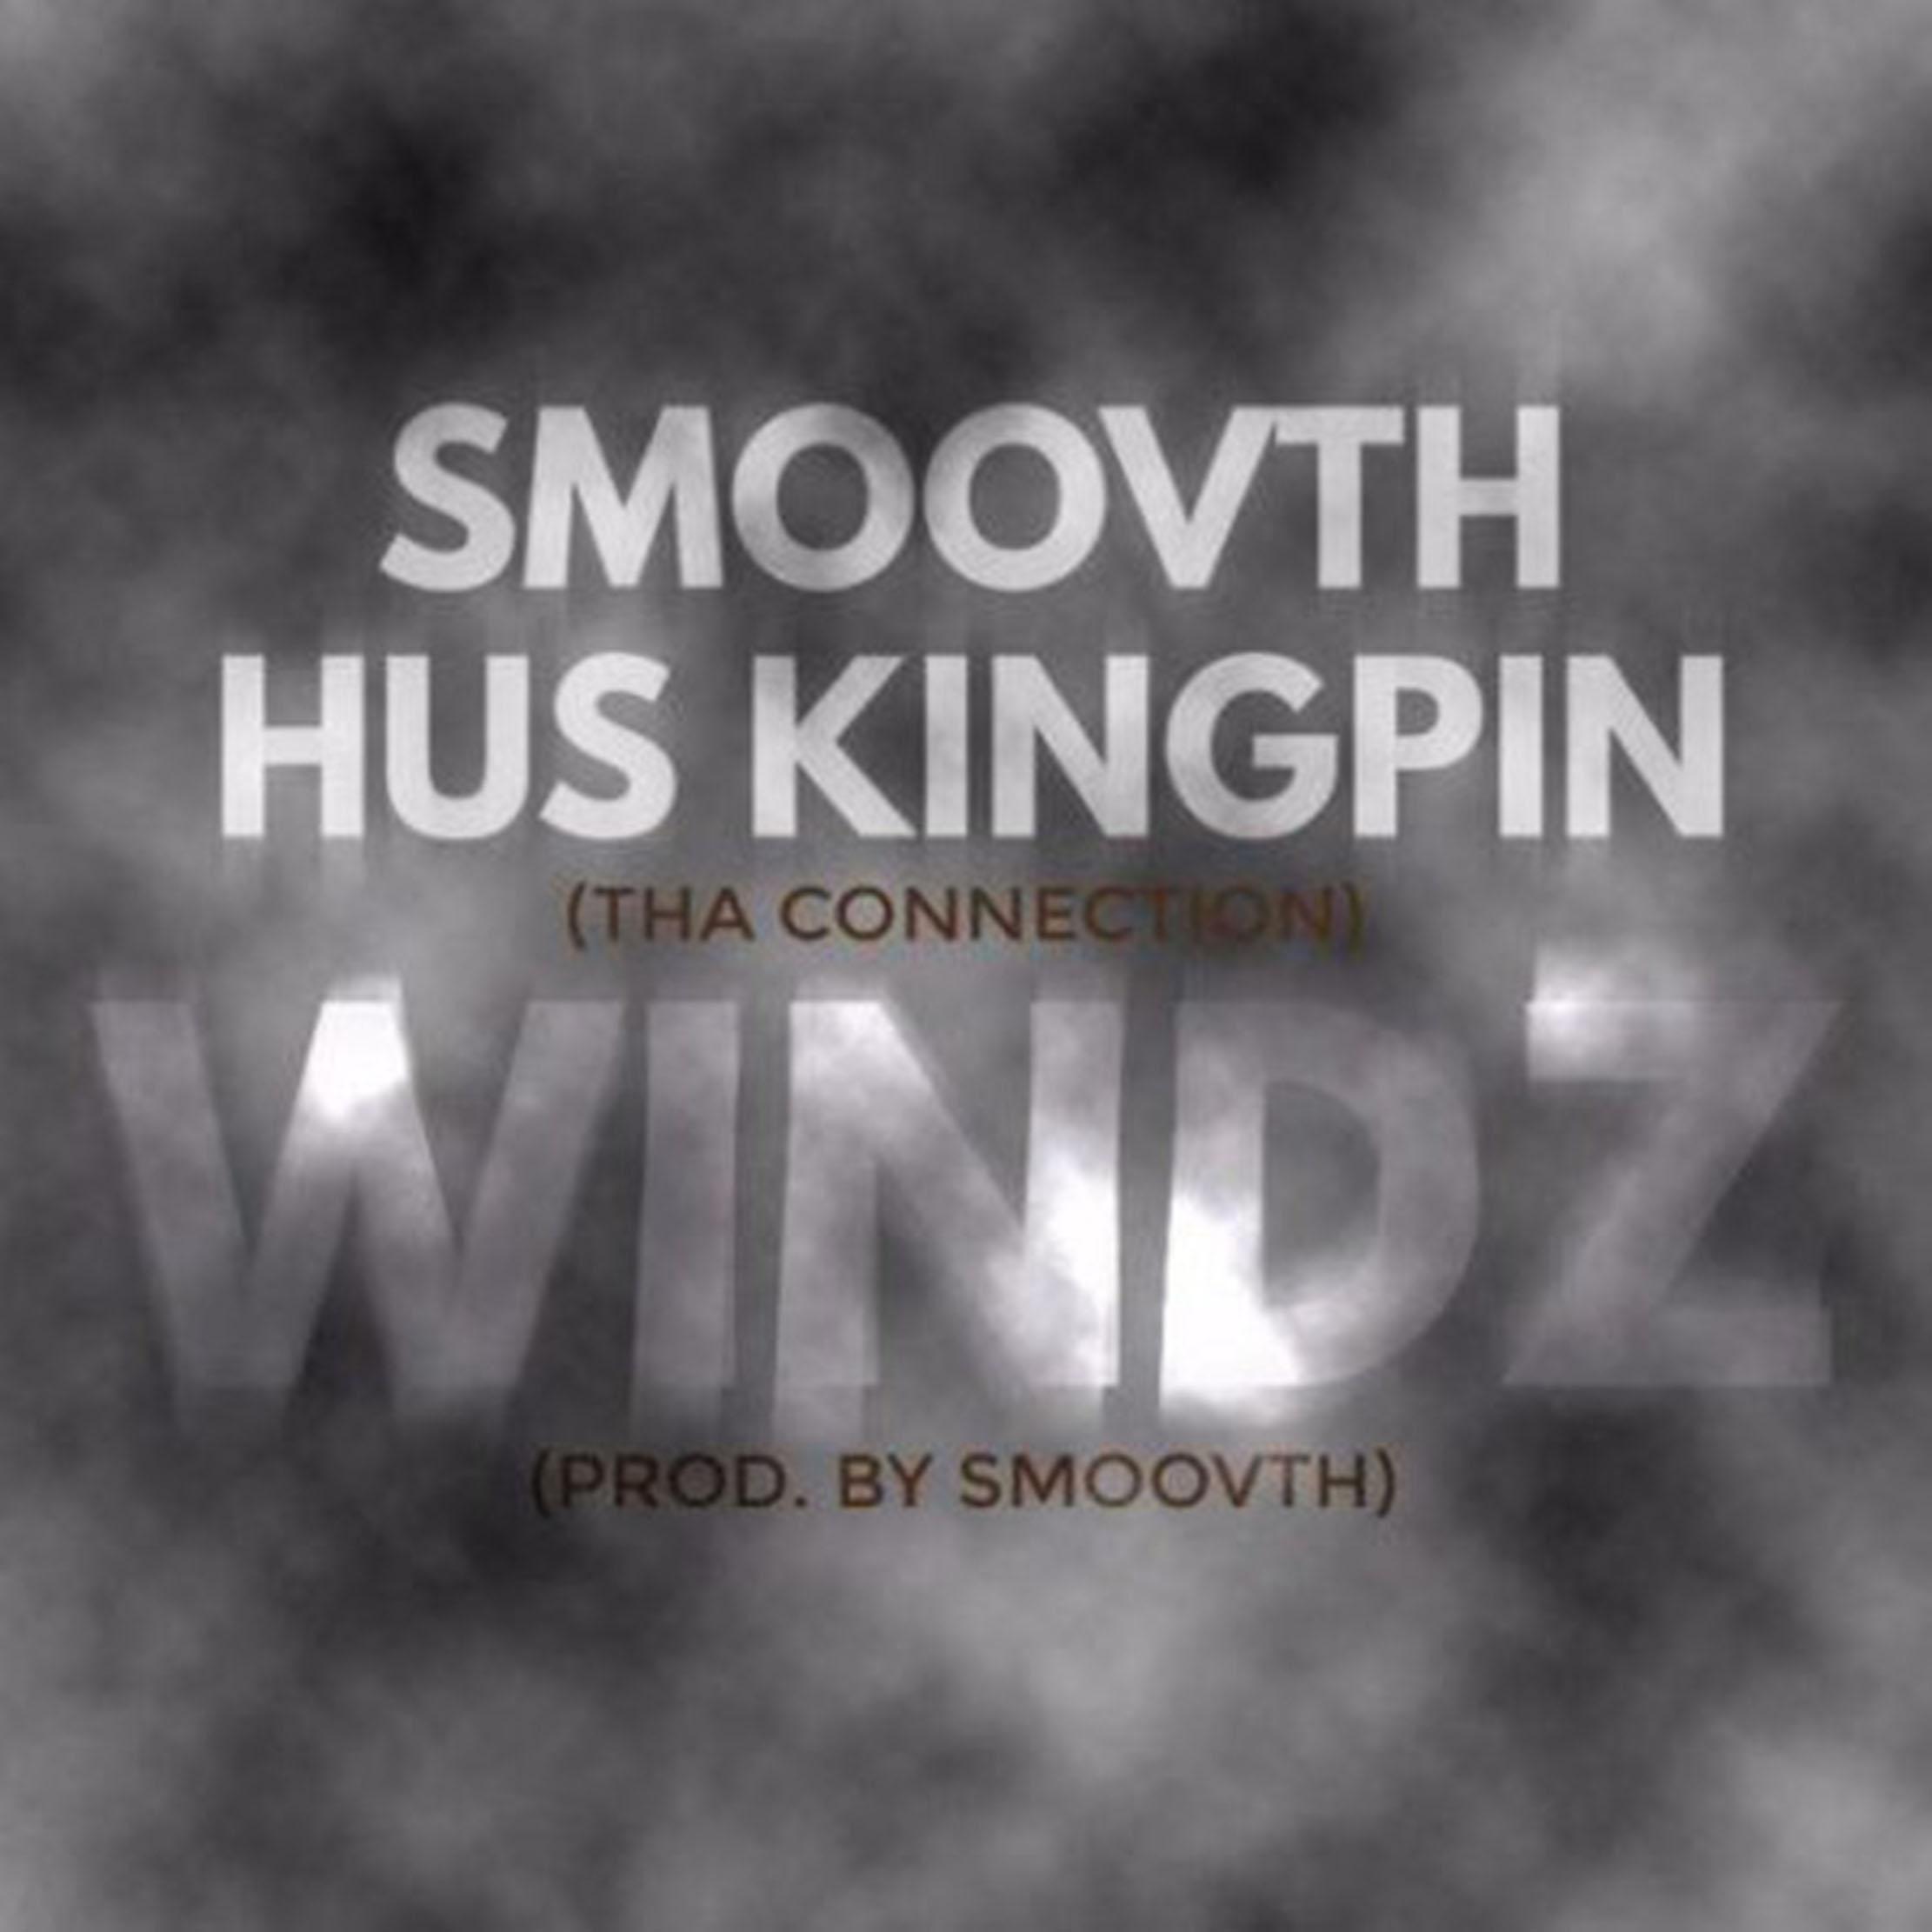 smoovth-hus-kingpin-windz